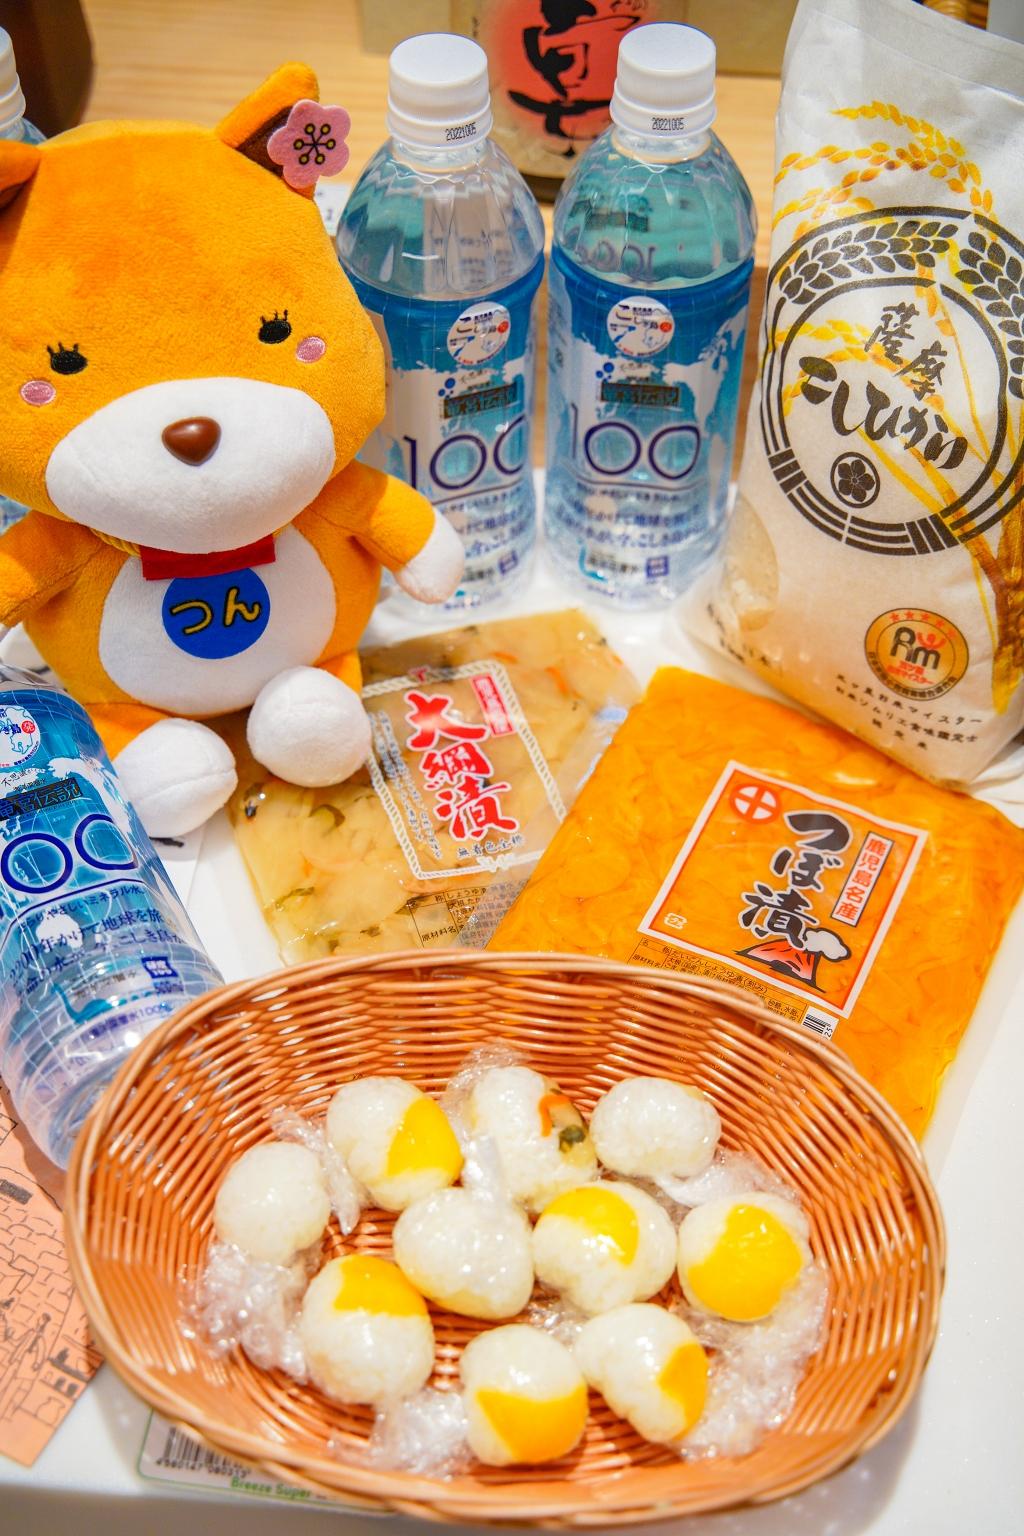 期間限定   鹿兒島薩摩國物產展,不能去日本也能買到最道地的日本味。鹿兒島特產、超好吃漬物、越光米 (台北微風百貨、高雄大立百貨) @偽日本人May.食遊玩樂